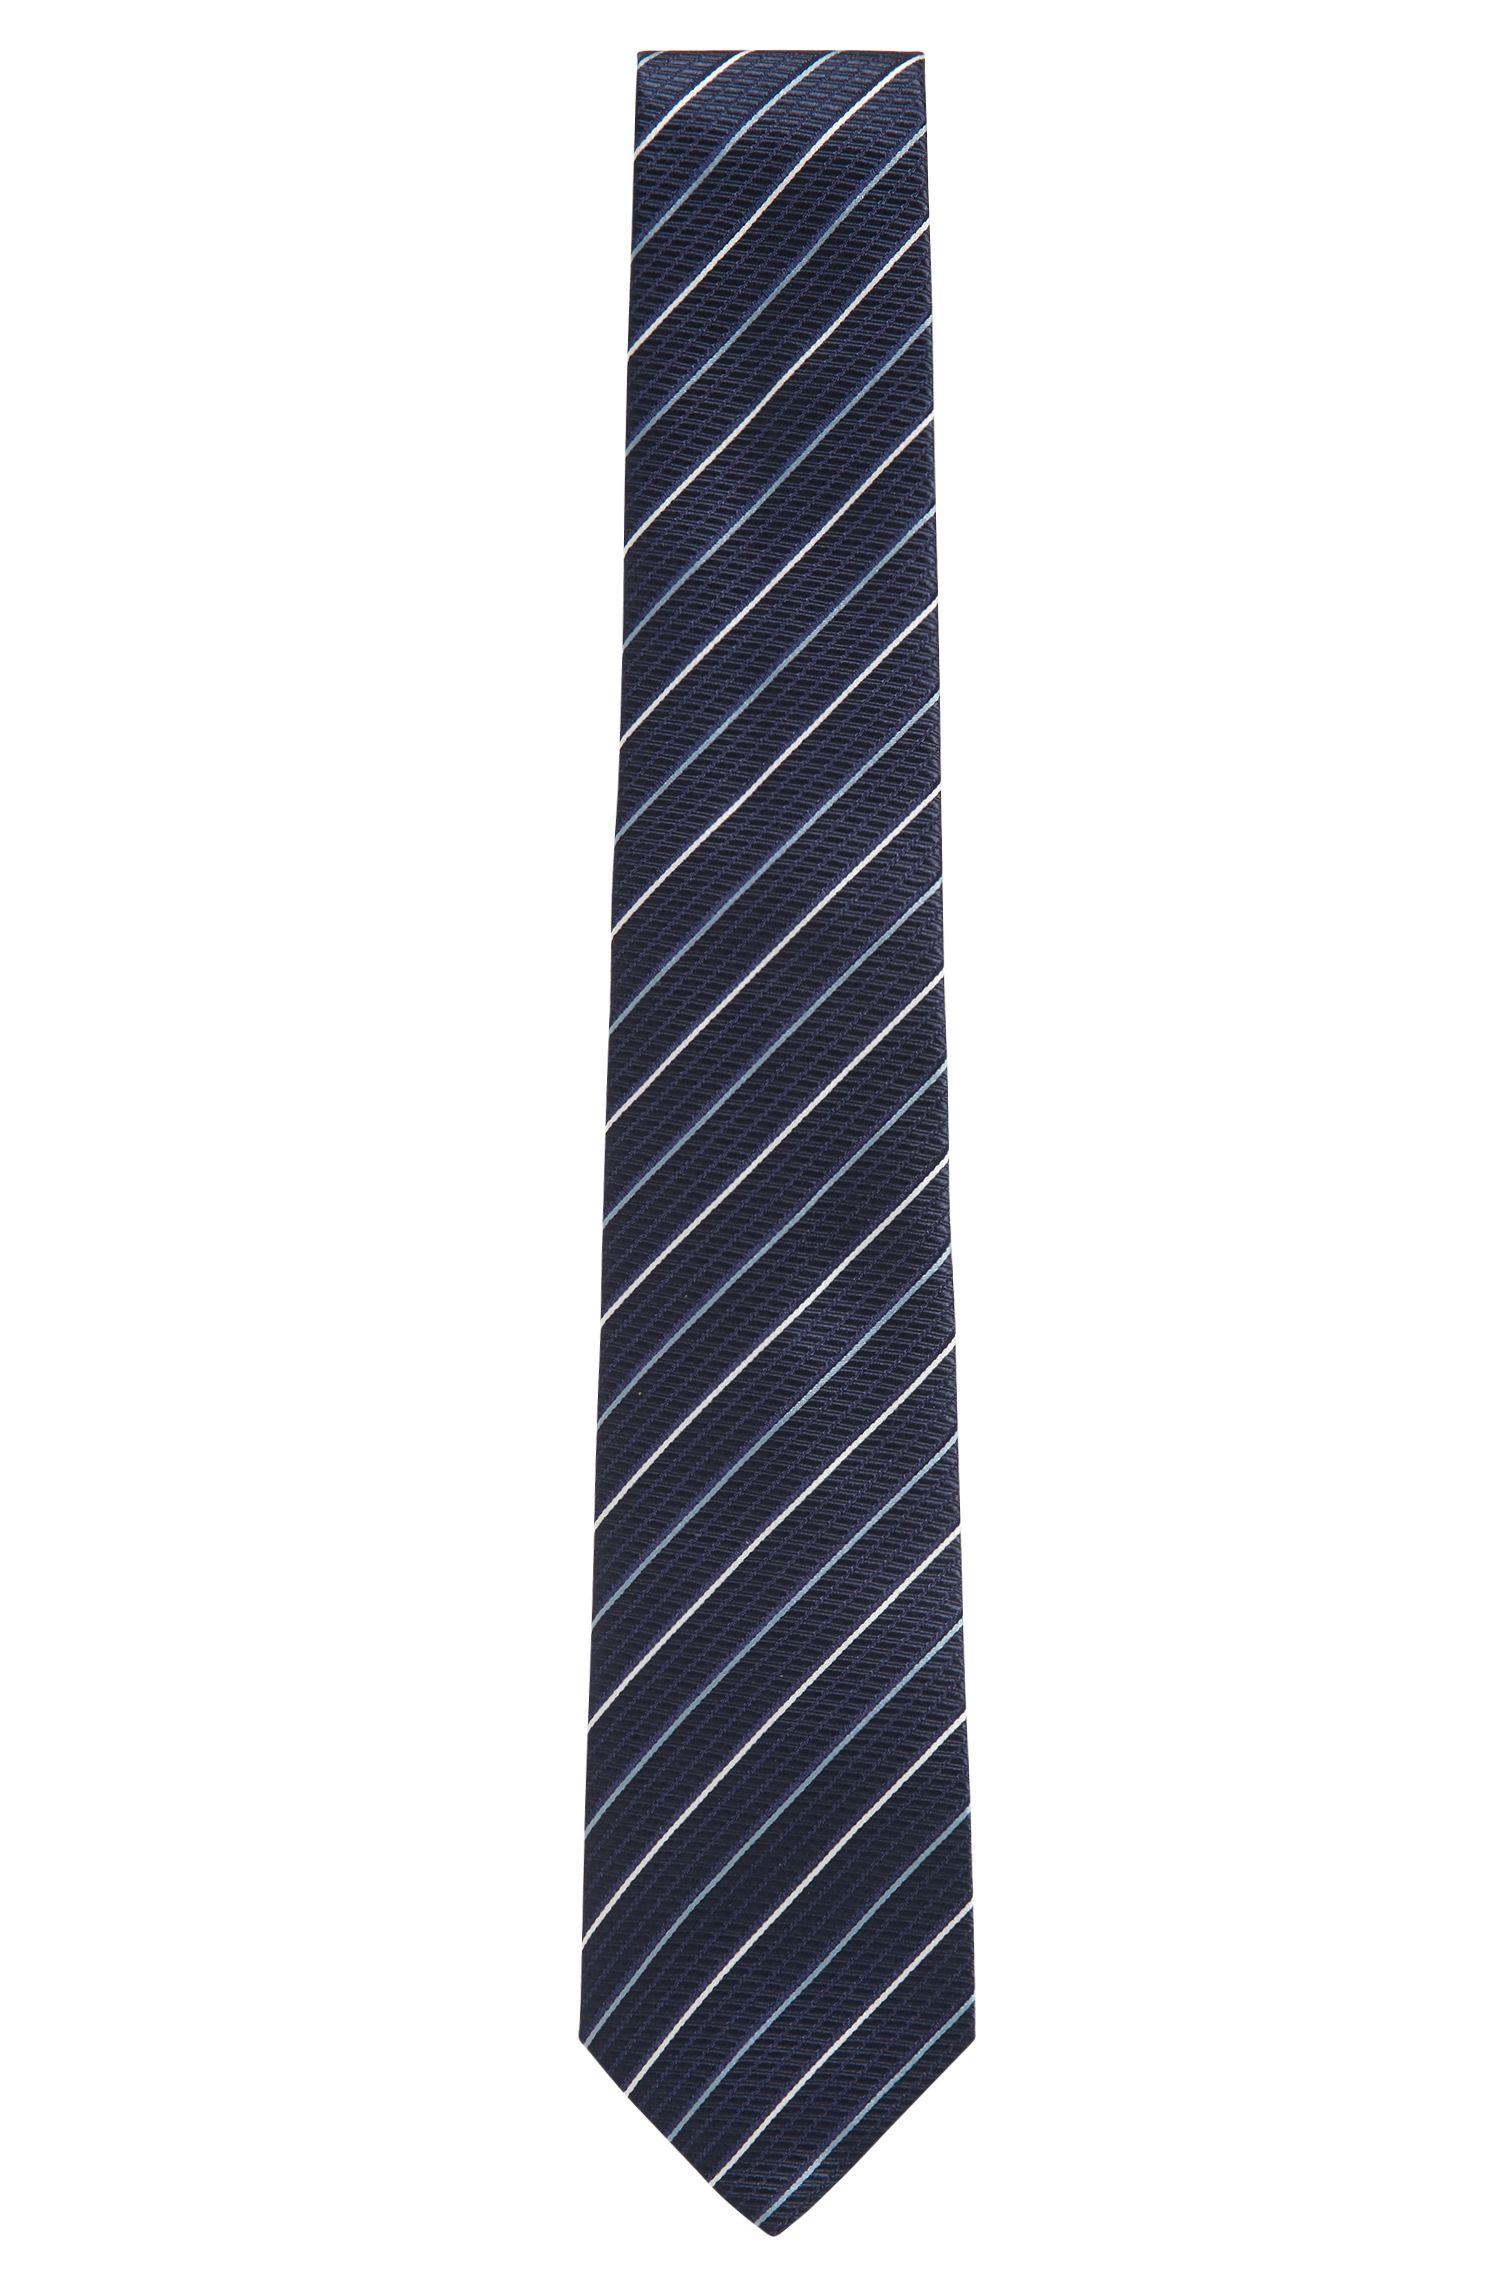 Corbata a rayas diagonales en seda elaborada en Italia, Fantasía